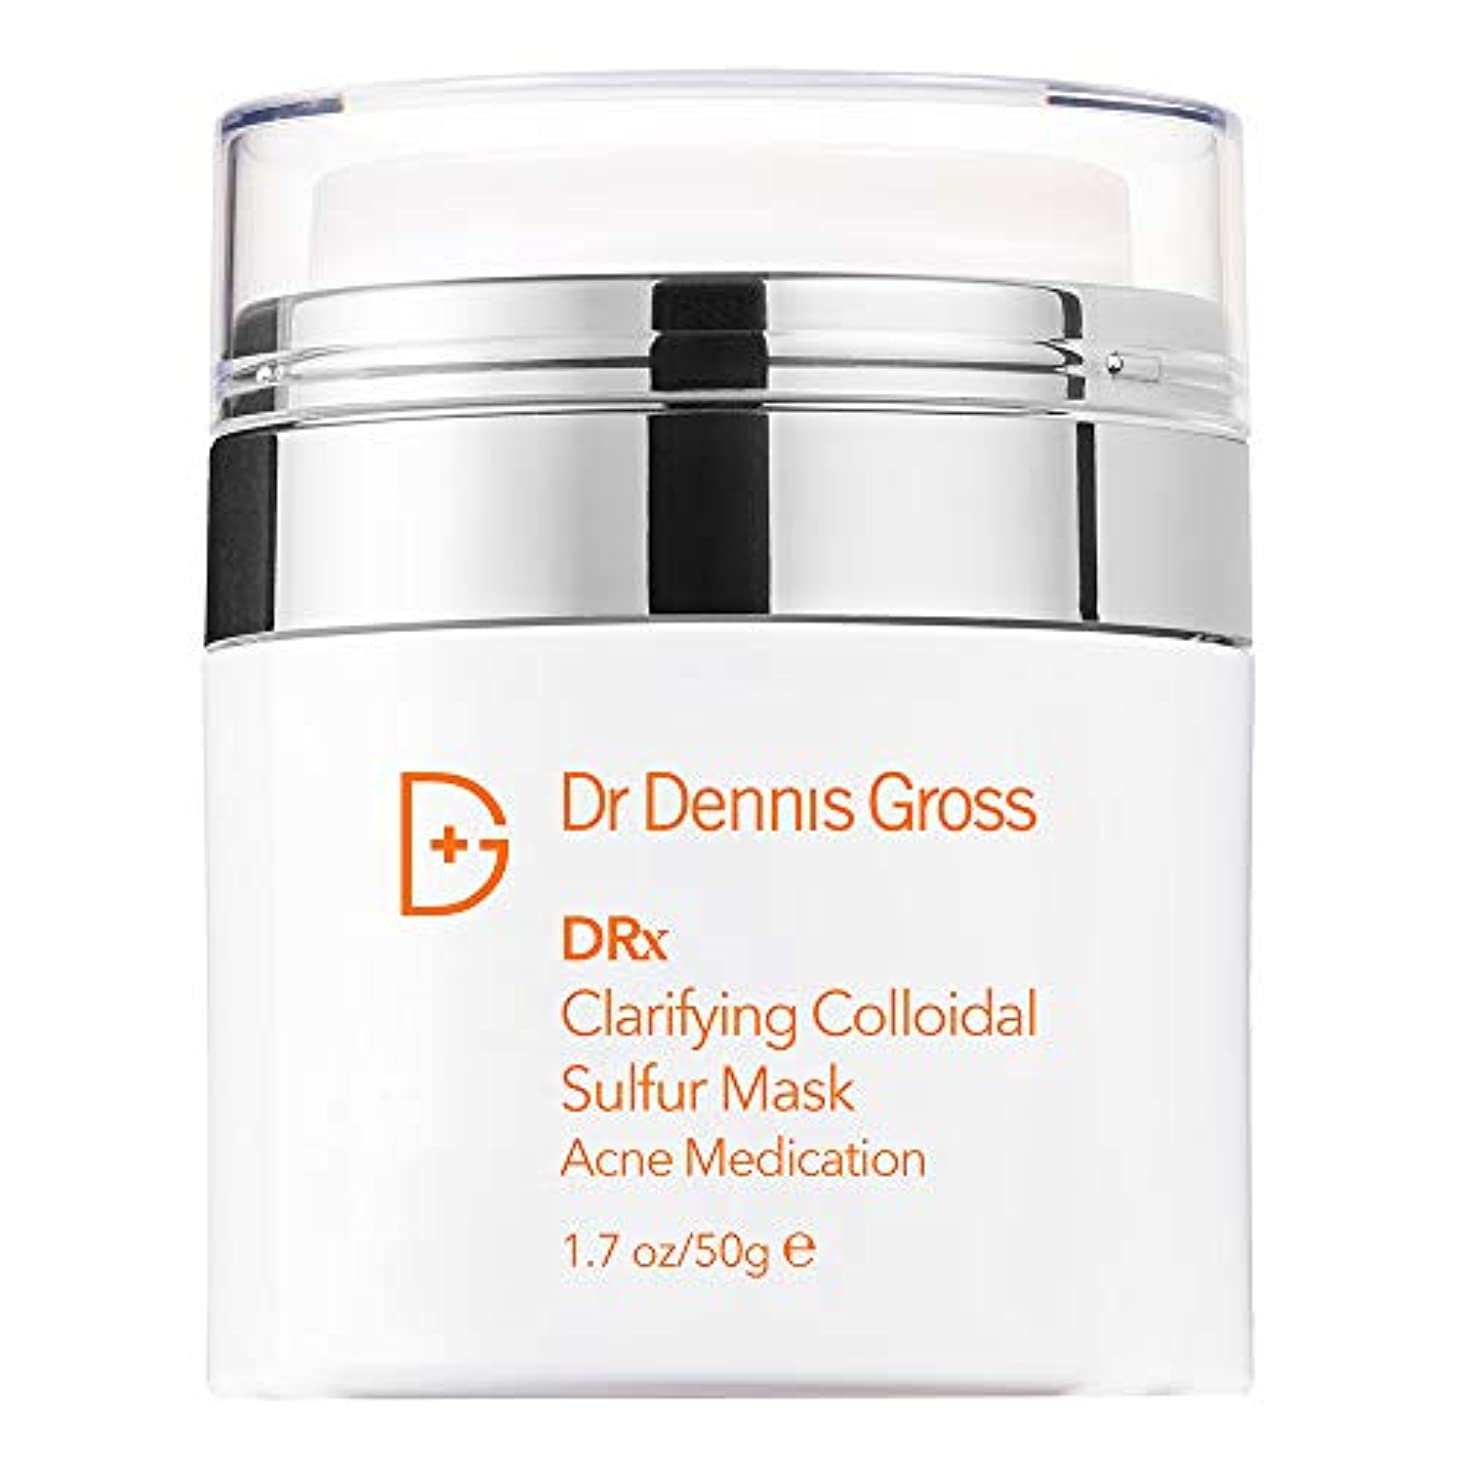 うなずく死傷者ごみドクターデニスグロス DRx Clarifying Colloidal Sulfur Mask 50g/1.7oz並行輸入品